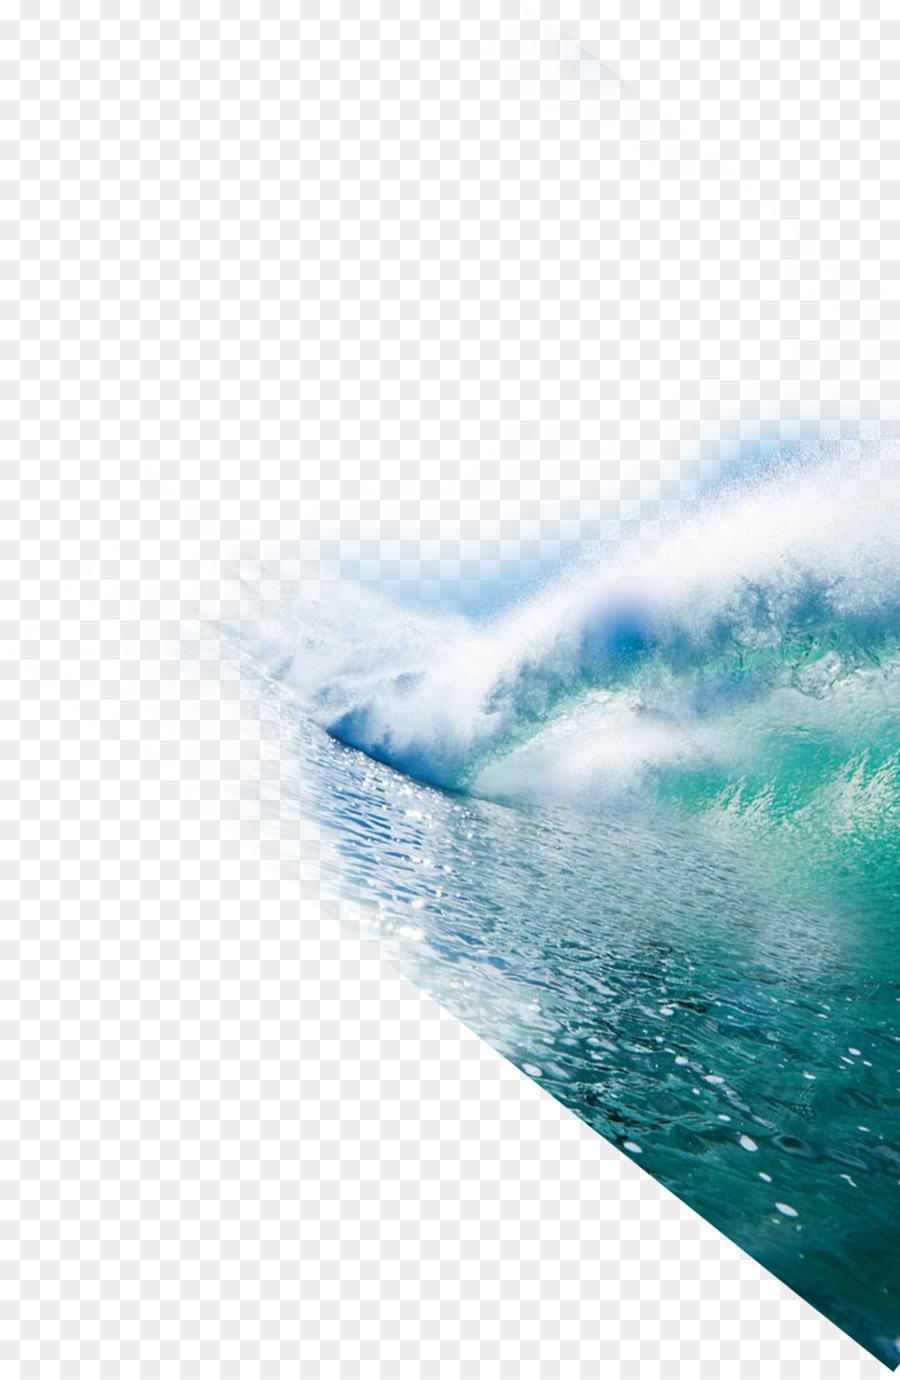 Descarga gratuita de El Agua De Mar, Océano, El Viento De La Onda Imágen de Png